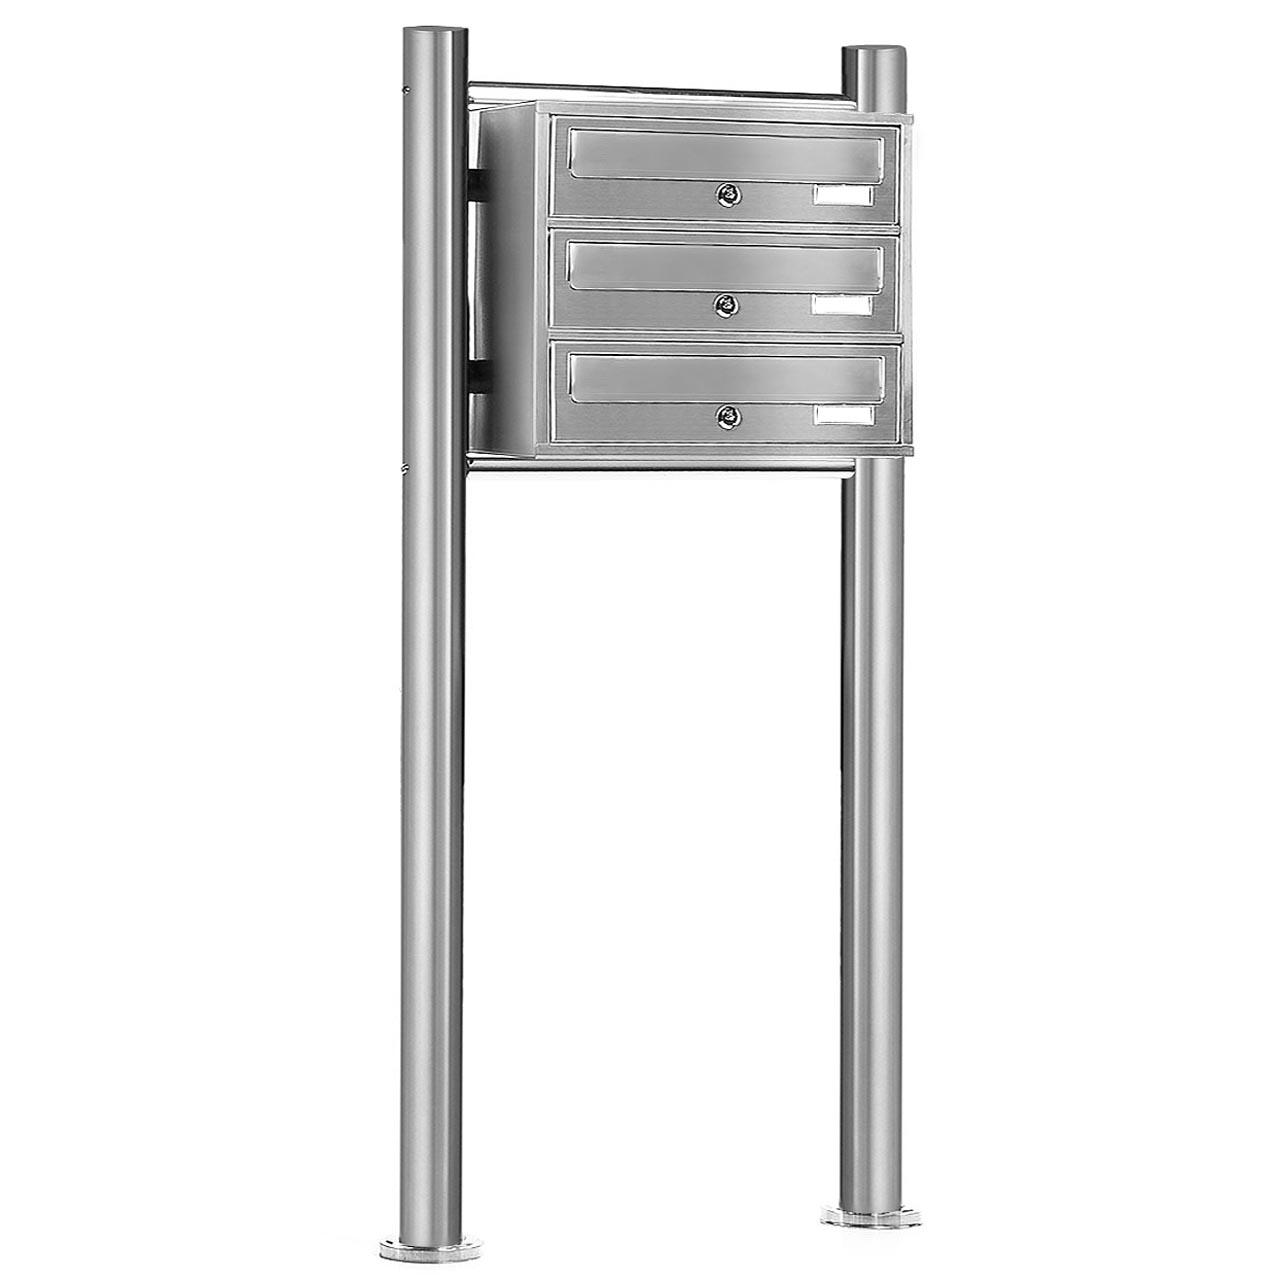 v2a edelstahl standbriefkasten briefkasten anlage system. Black Bedroom Furniture Sets. Home Design Ideas